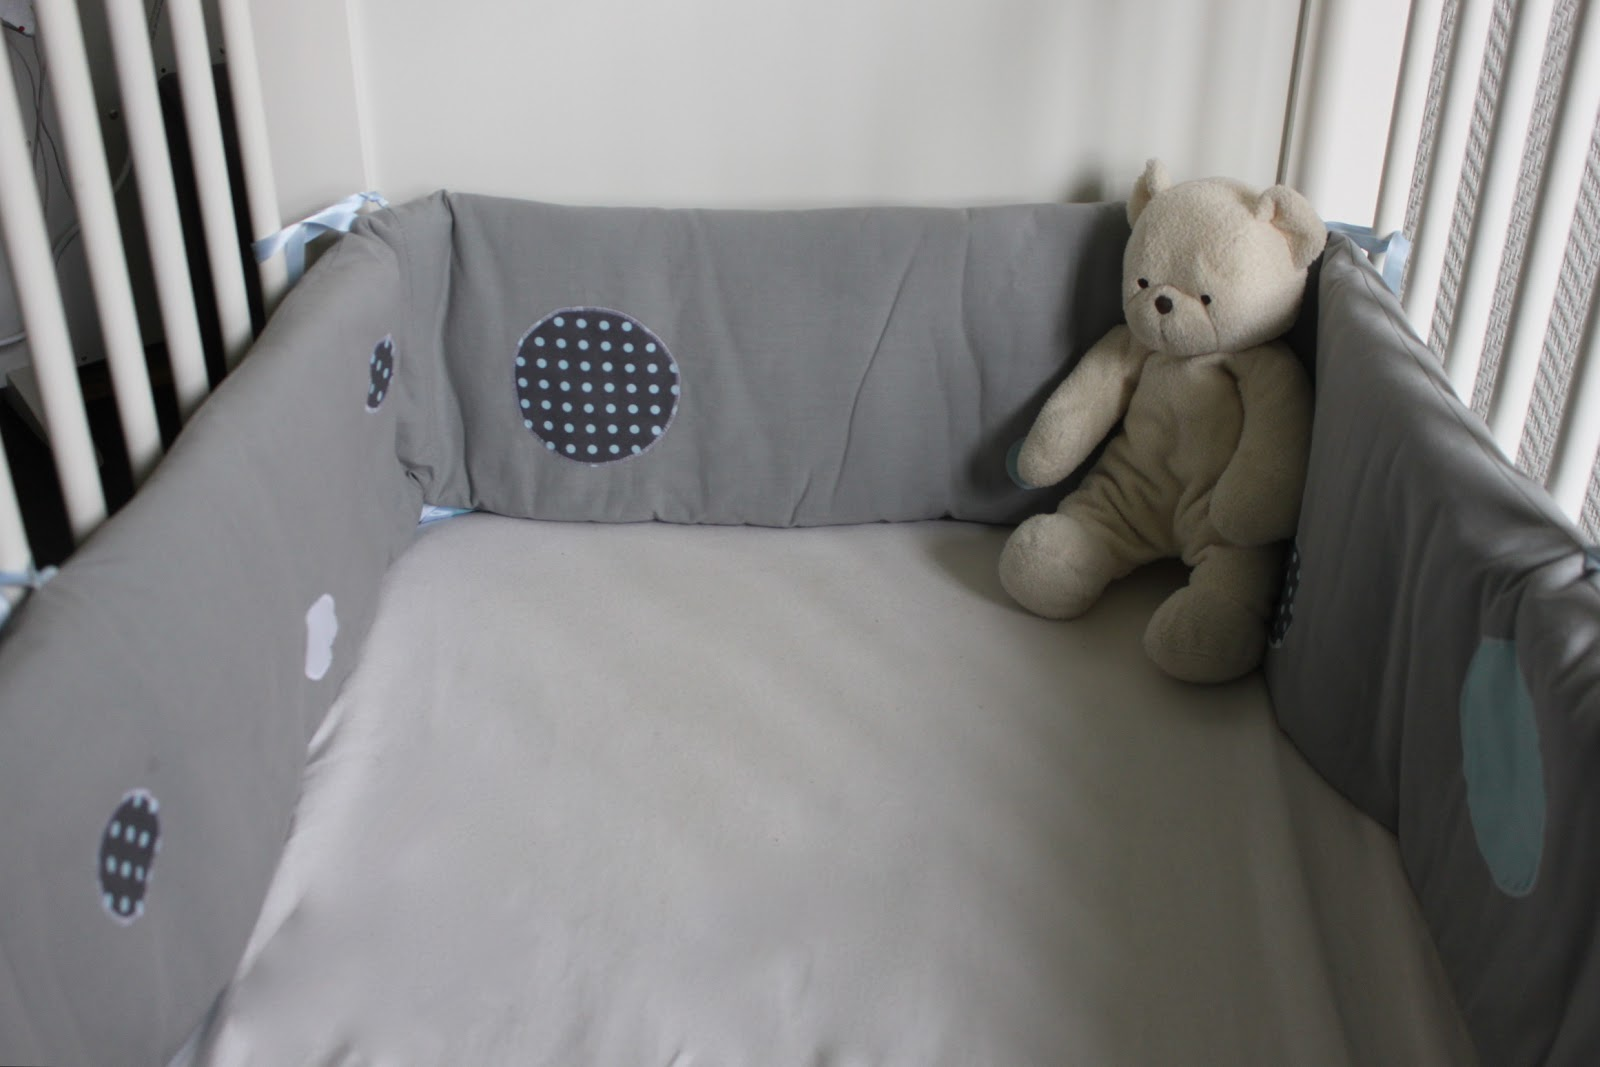 miss bee little coud pour vos p 39 tits bouts tour de lit complet 2 en 1 pois bleus gris et blancs. Black Bedroom Furniture Sets. Home Design Ideas